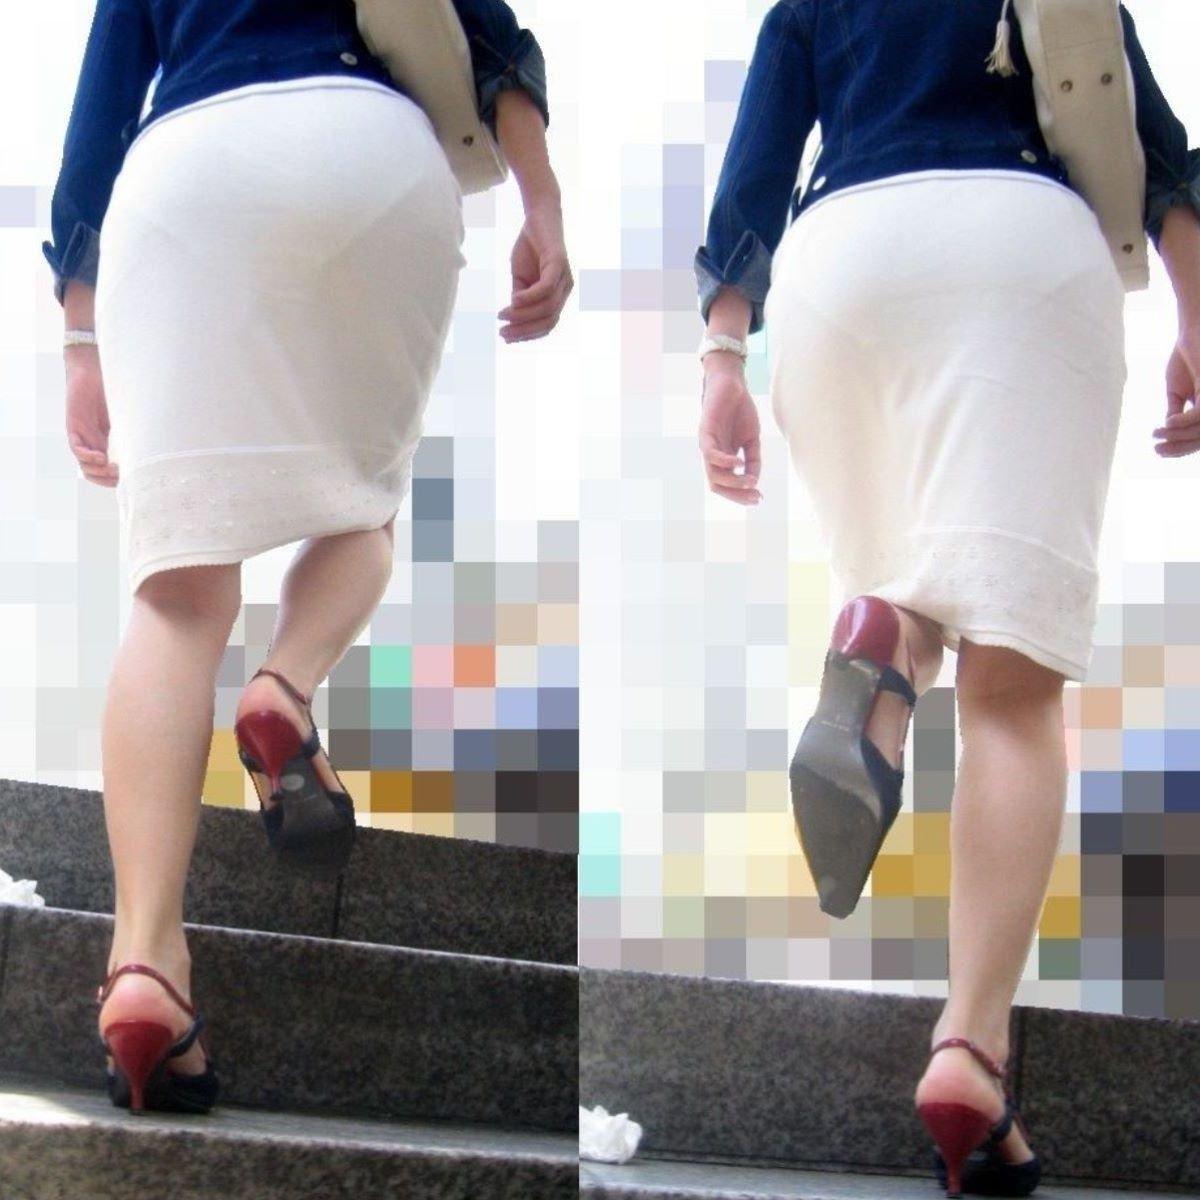 透けパンしてるタイトスカート姿の女性 (8)